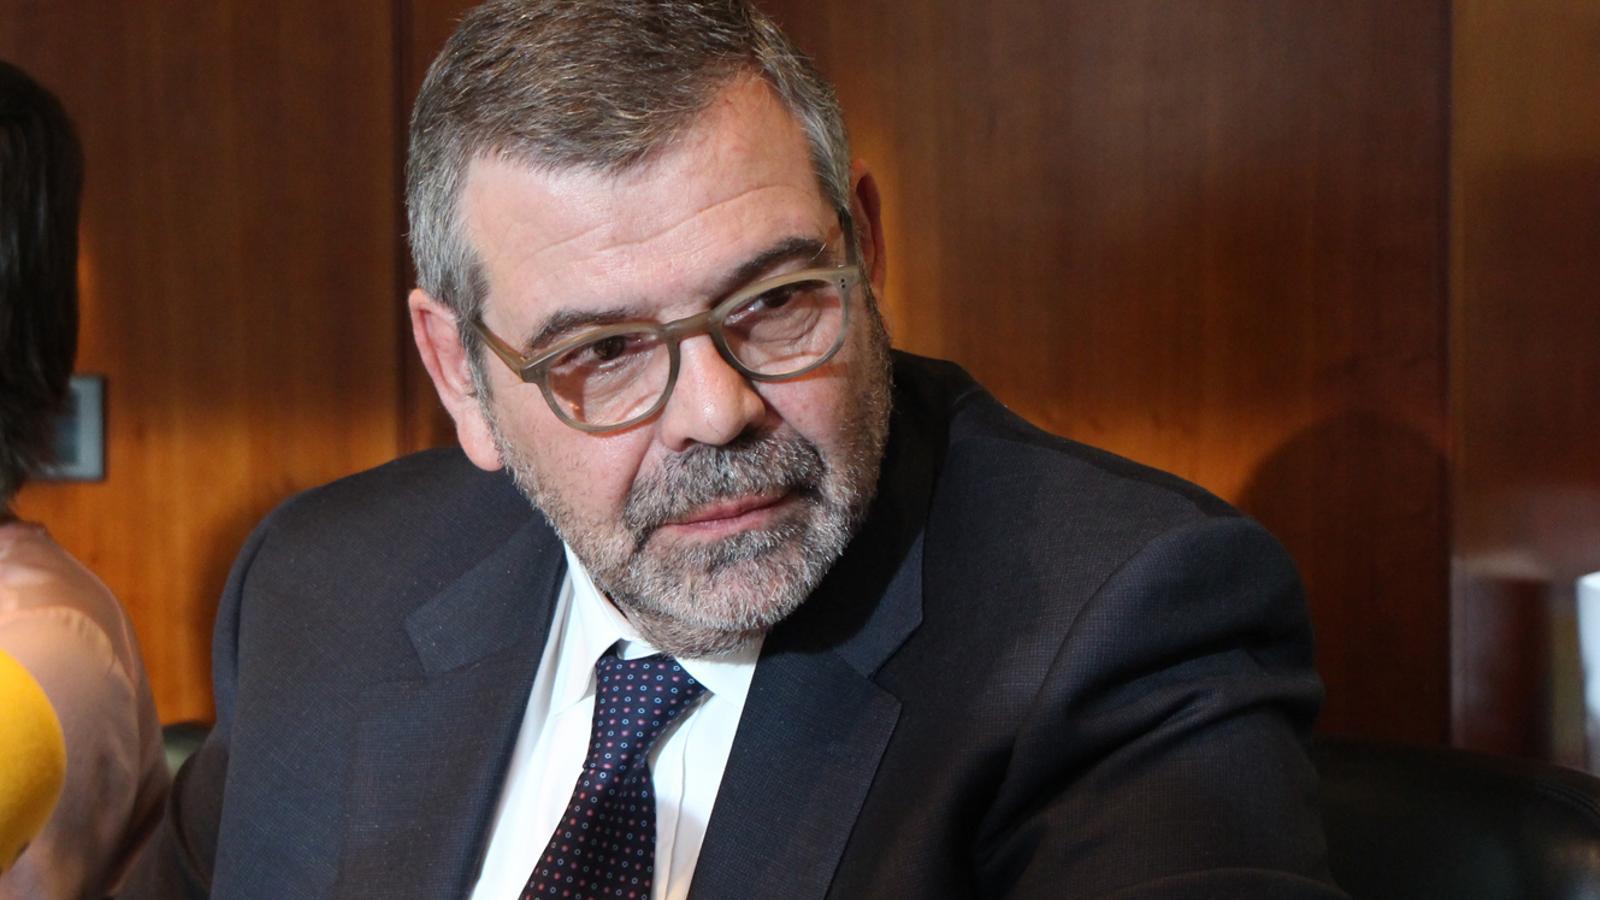 El president de la CASS, Jean-Michel Rascagneres. / M. T.